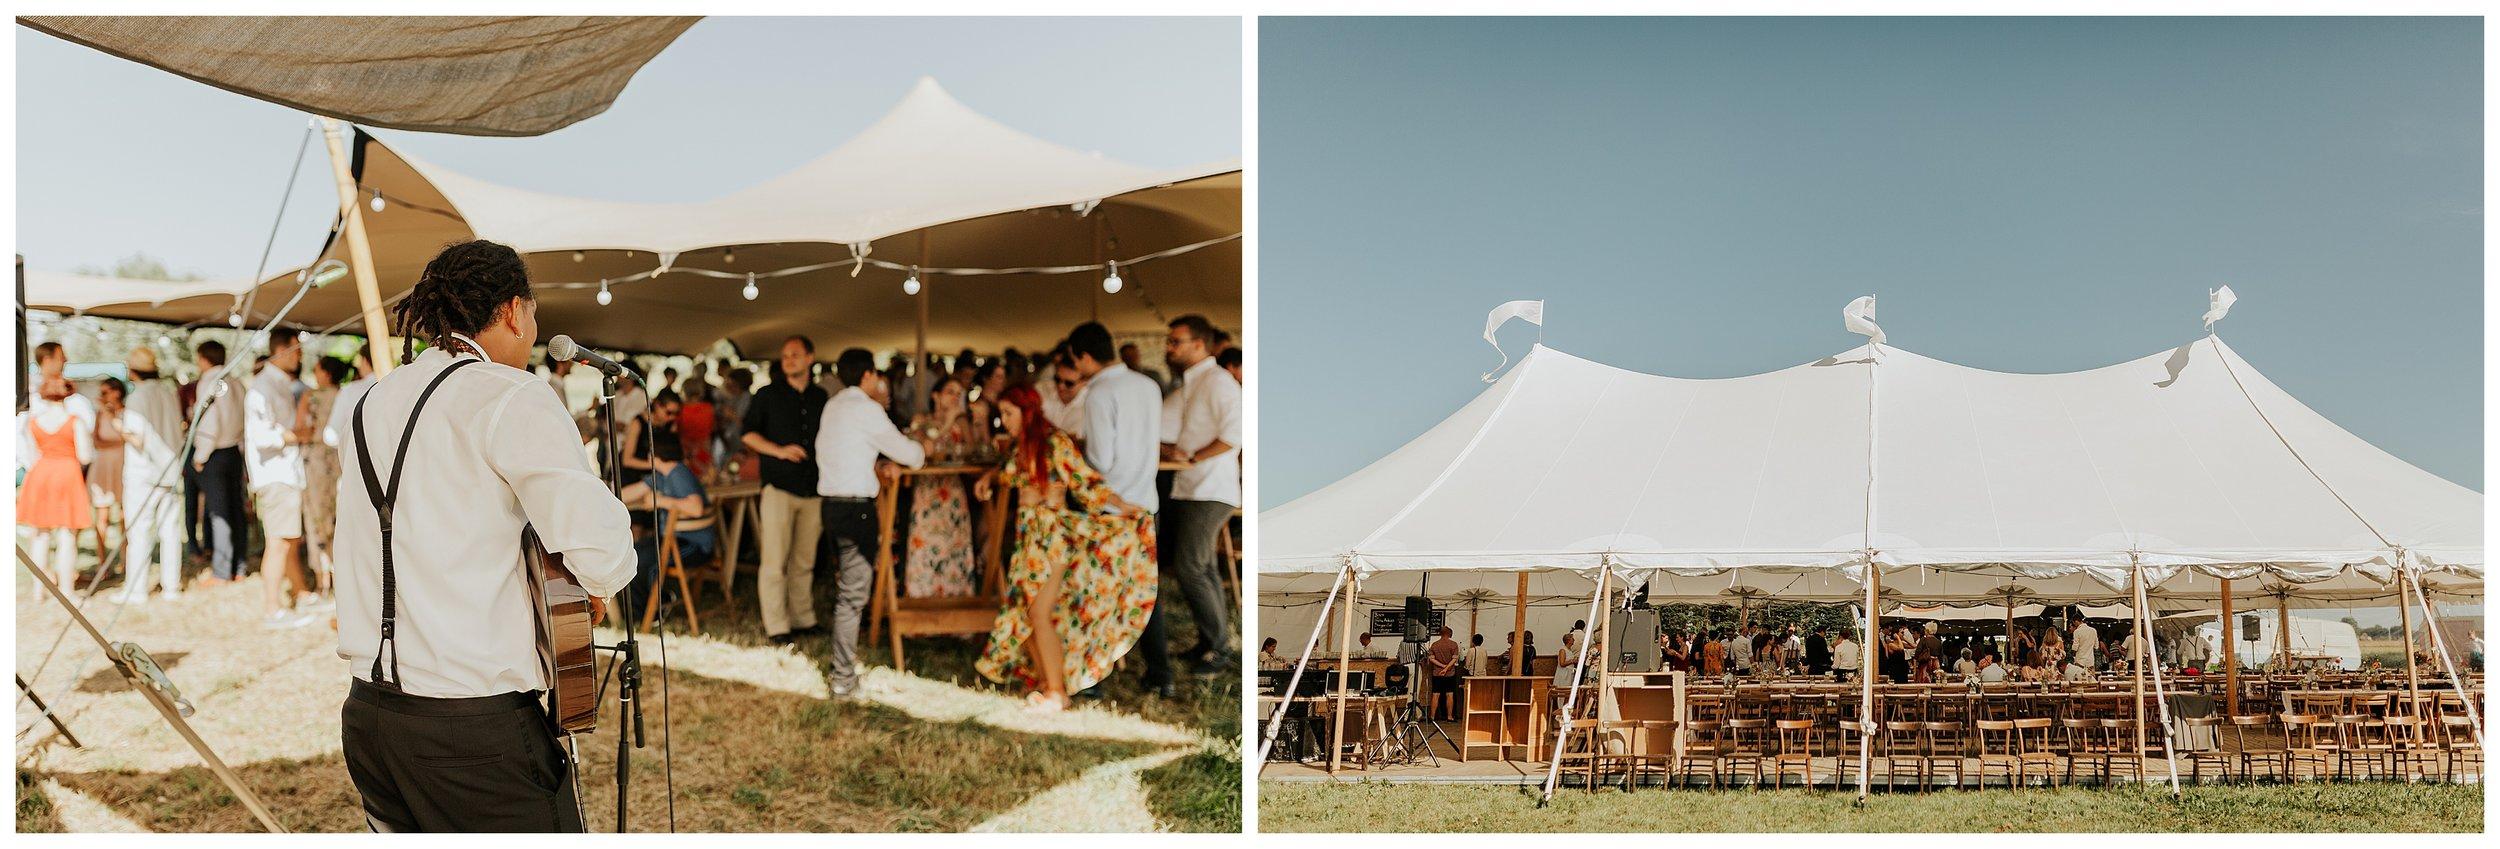 huwelijksfotograaf-huwelijksfotografie-knokke-heist-lisa-helsen-photography-trouwfotograaf-trouwfoto-sabine-pieter_0017.jpg